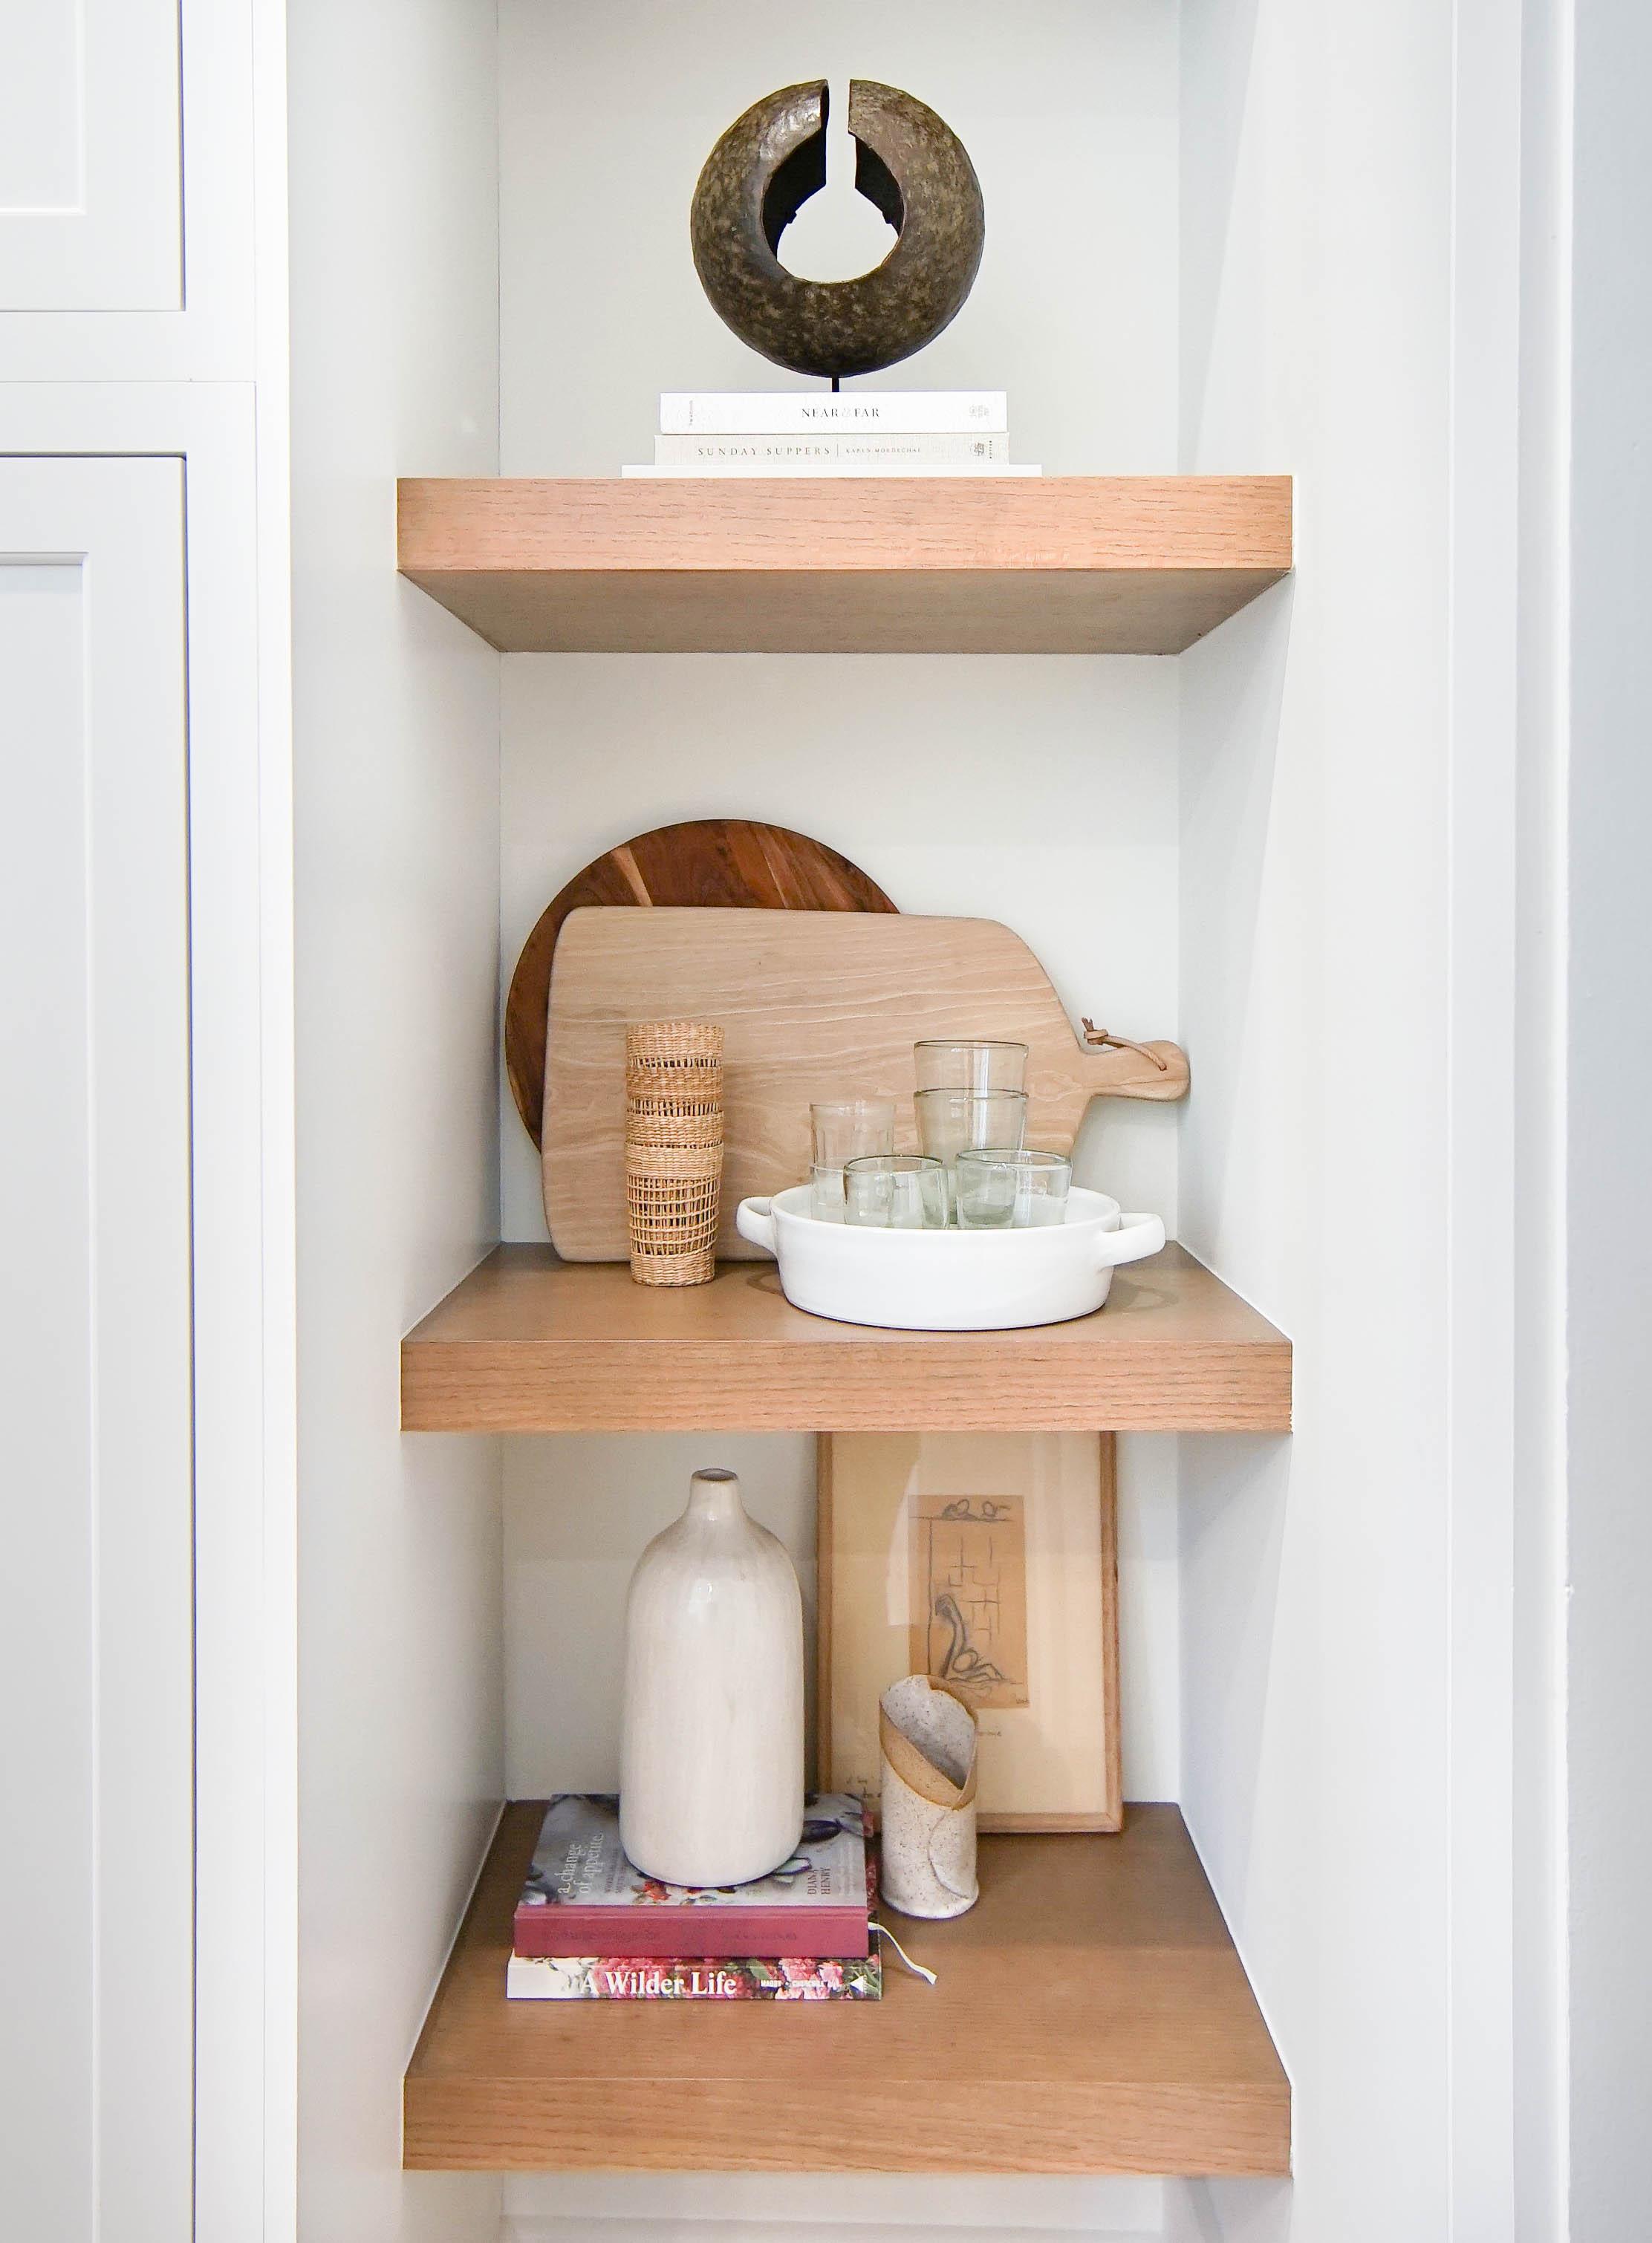 9 right side shelves vertical.jpg